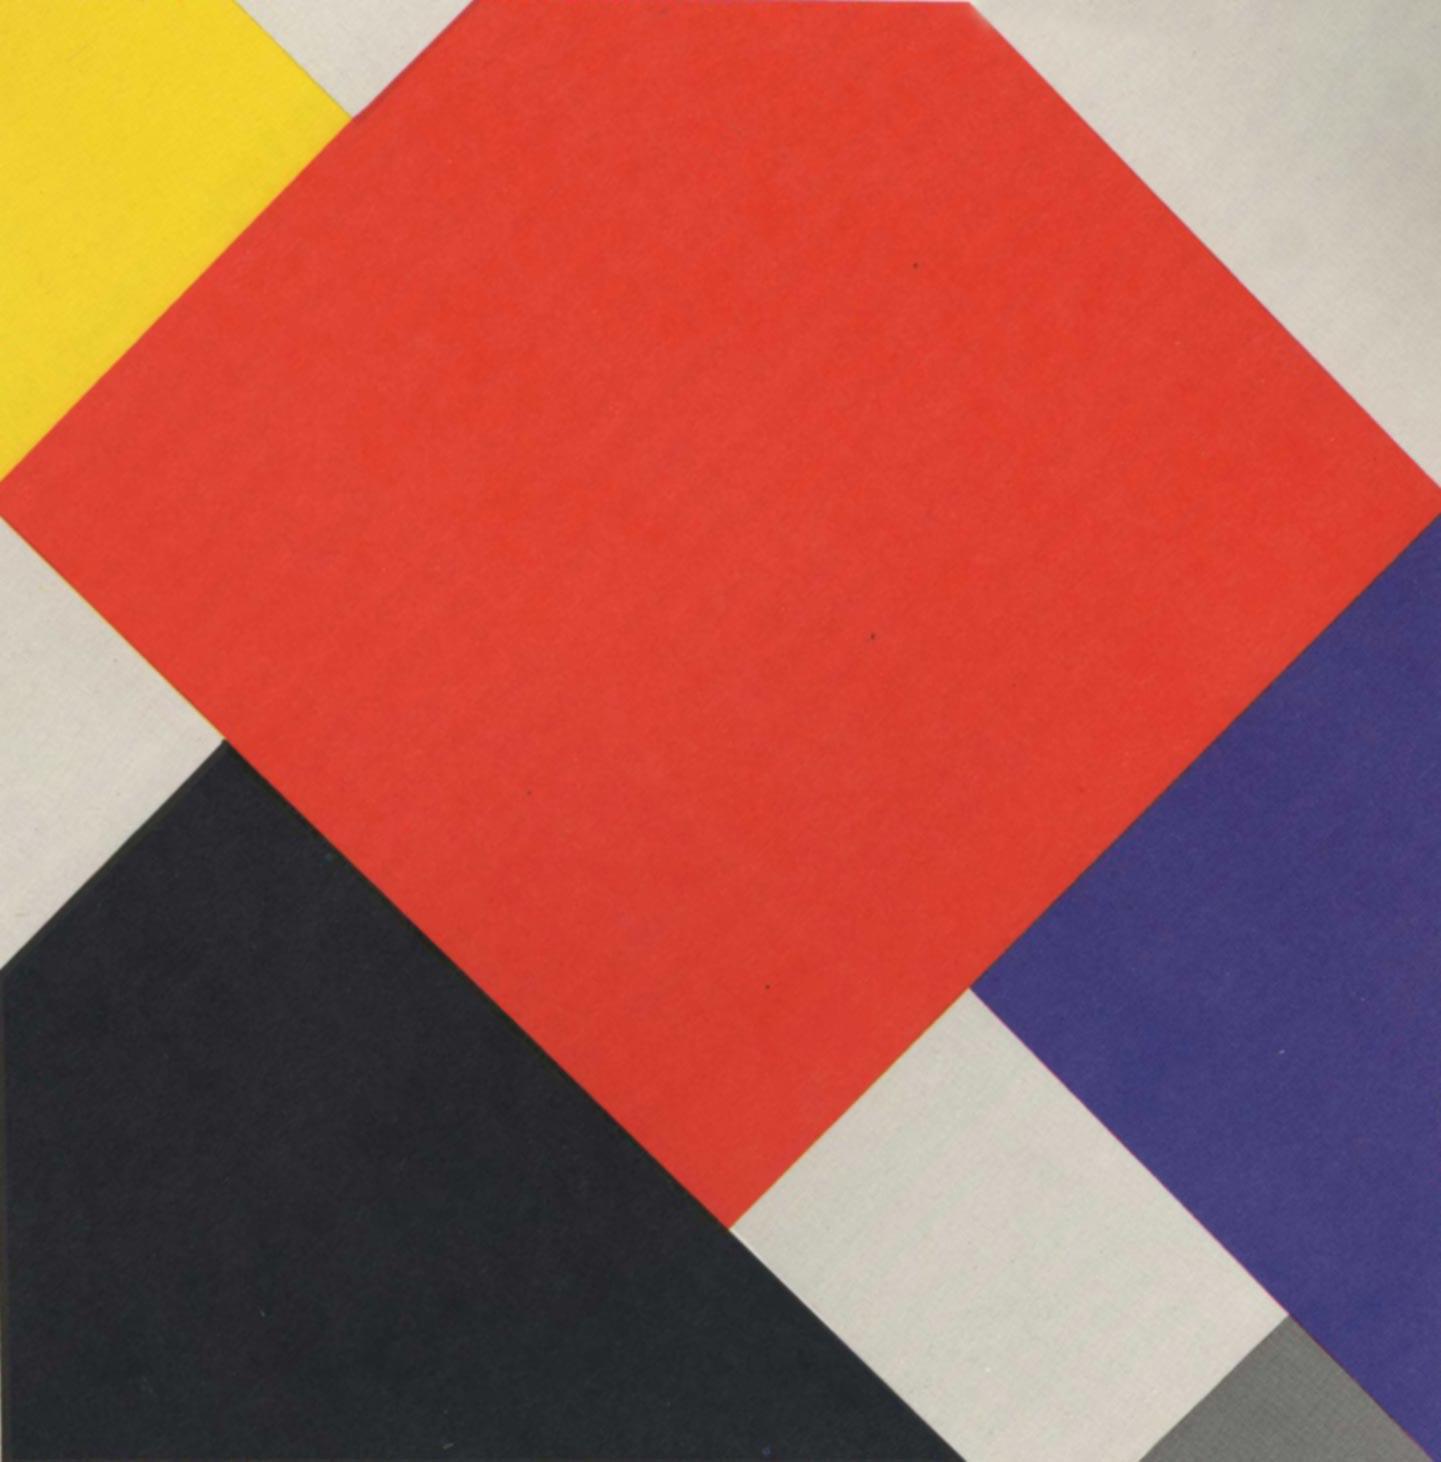 La diferencia principal entre Mondrian y van Doesburg es la ausencia y el uso, respectivamente, de la línea diagonal